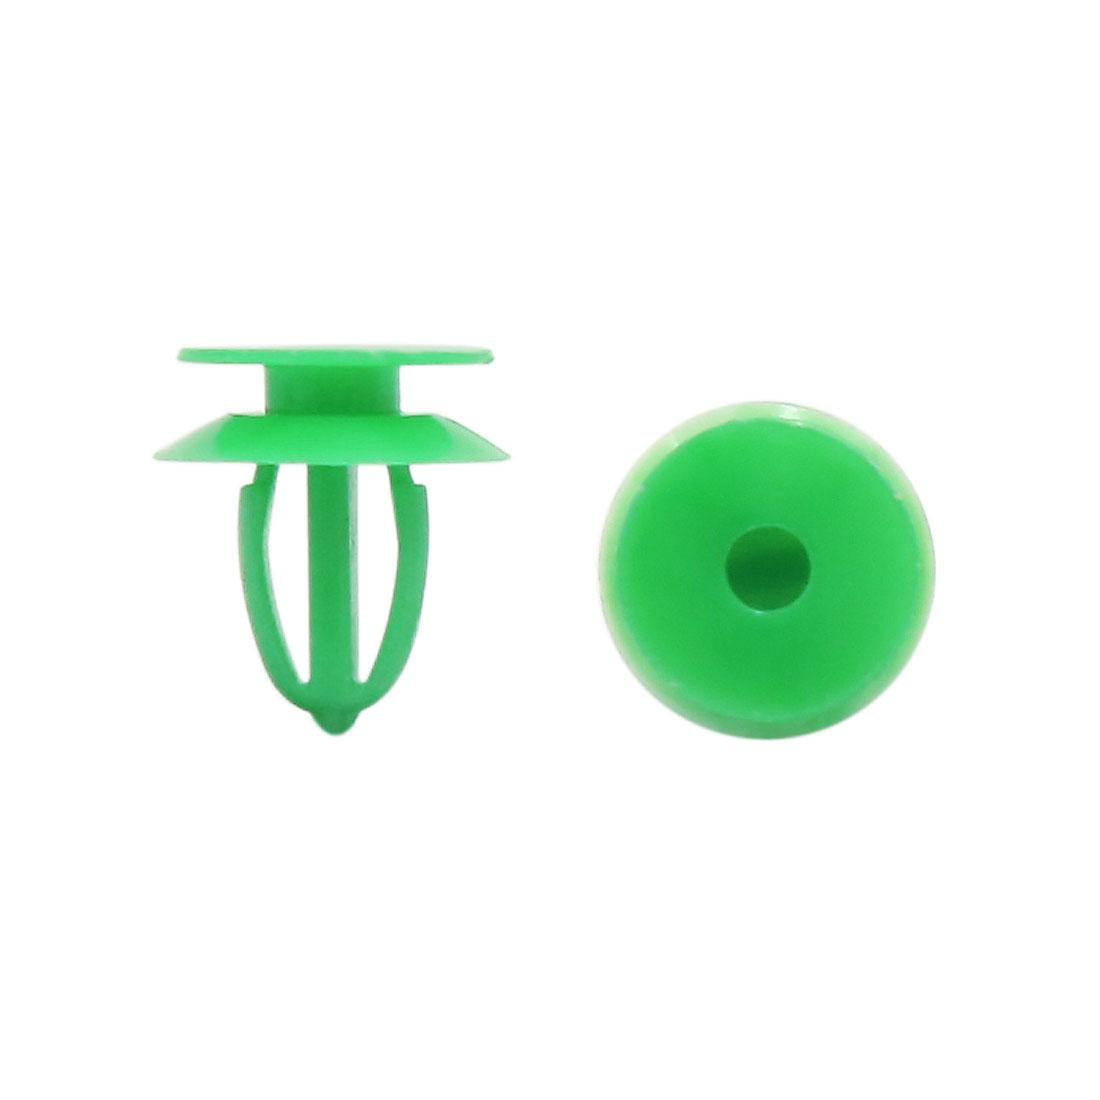 9mm Hole Dia Plastic Clips Fastener Auto Car Door Expanding Rivets Green 30 Pcs